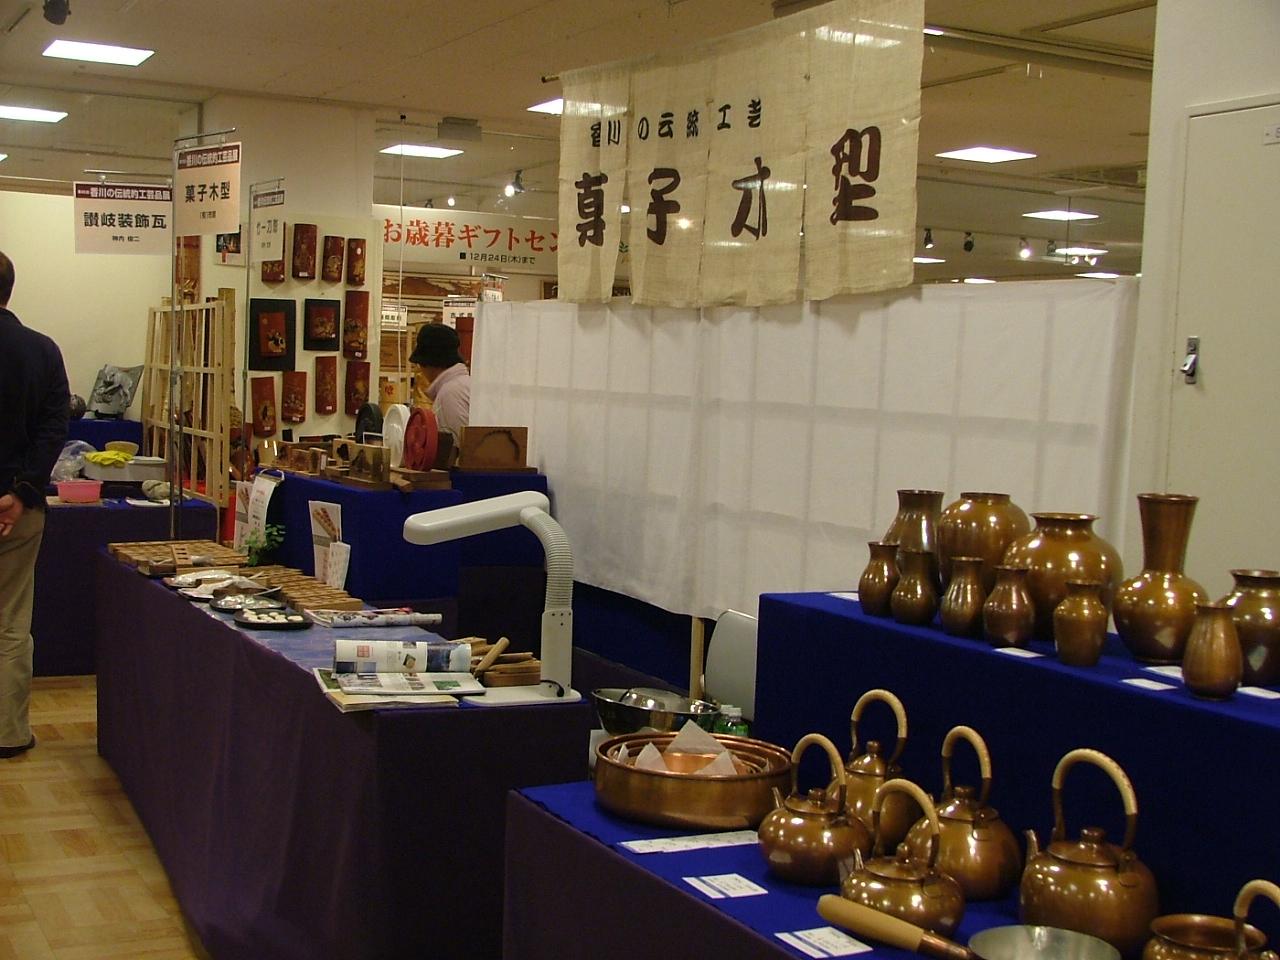 香川県伝統的工芸品展_c0227958_1820238.jpg